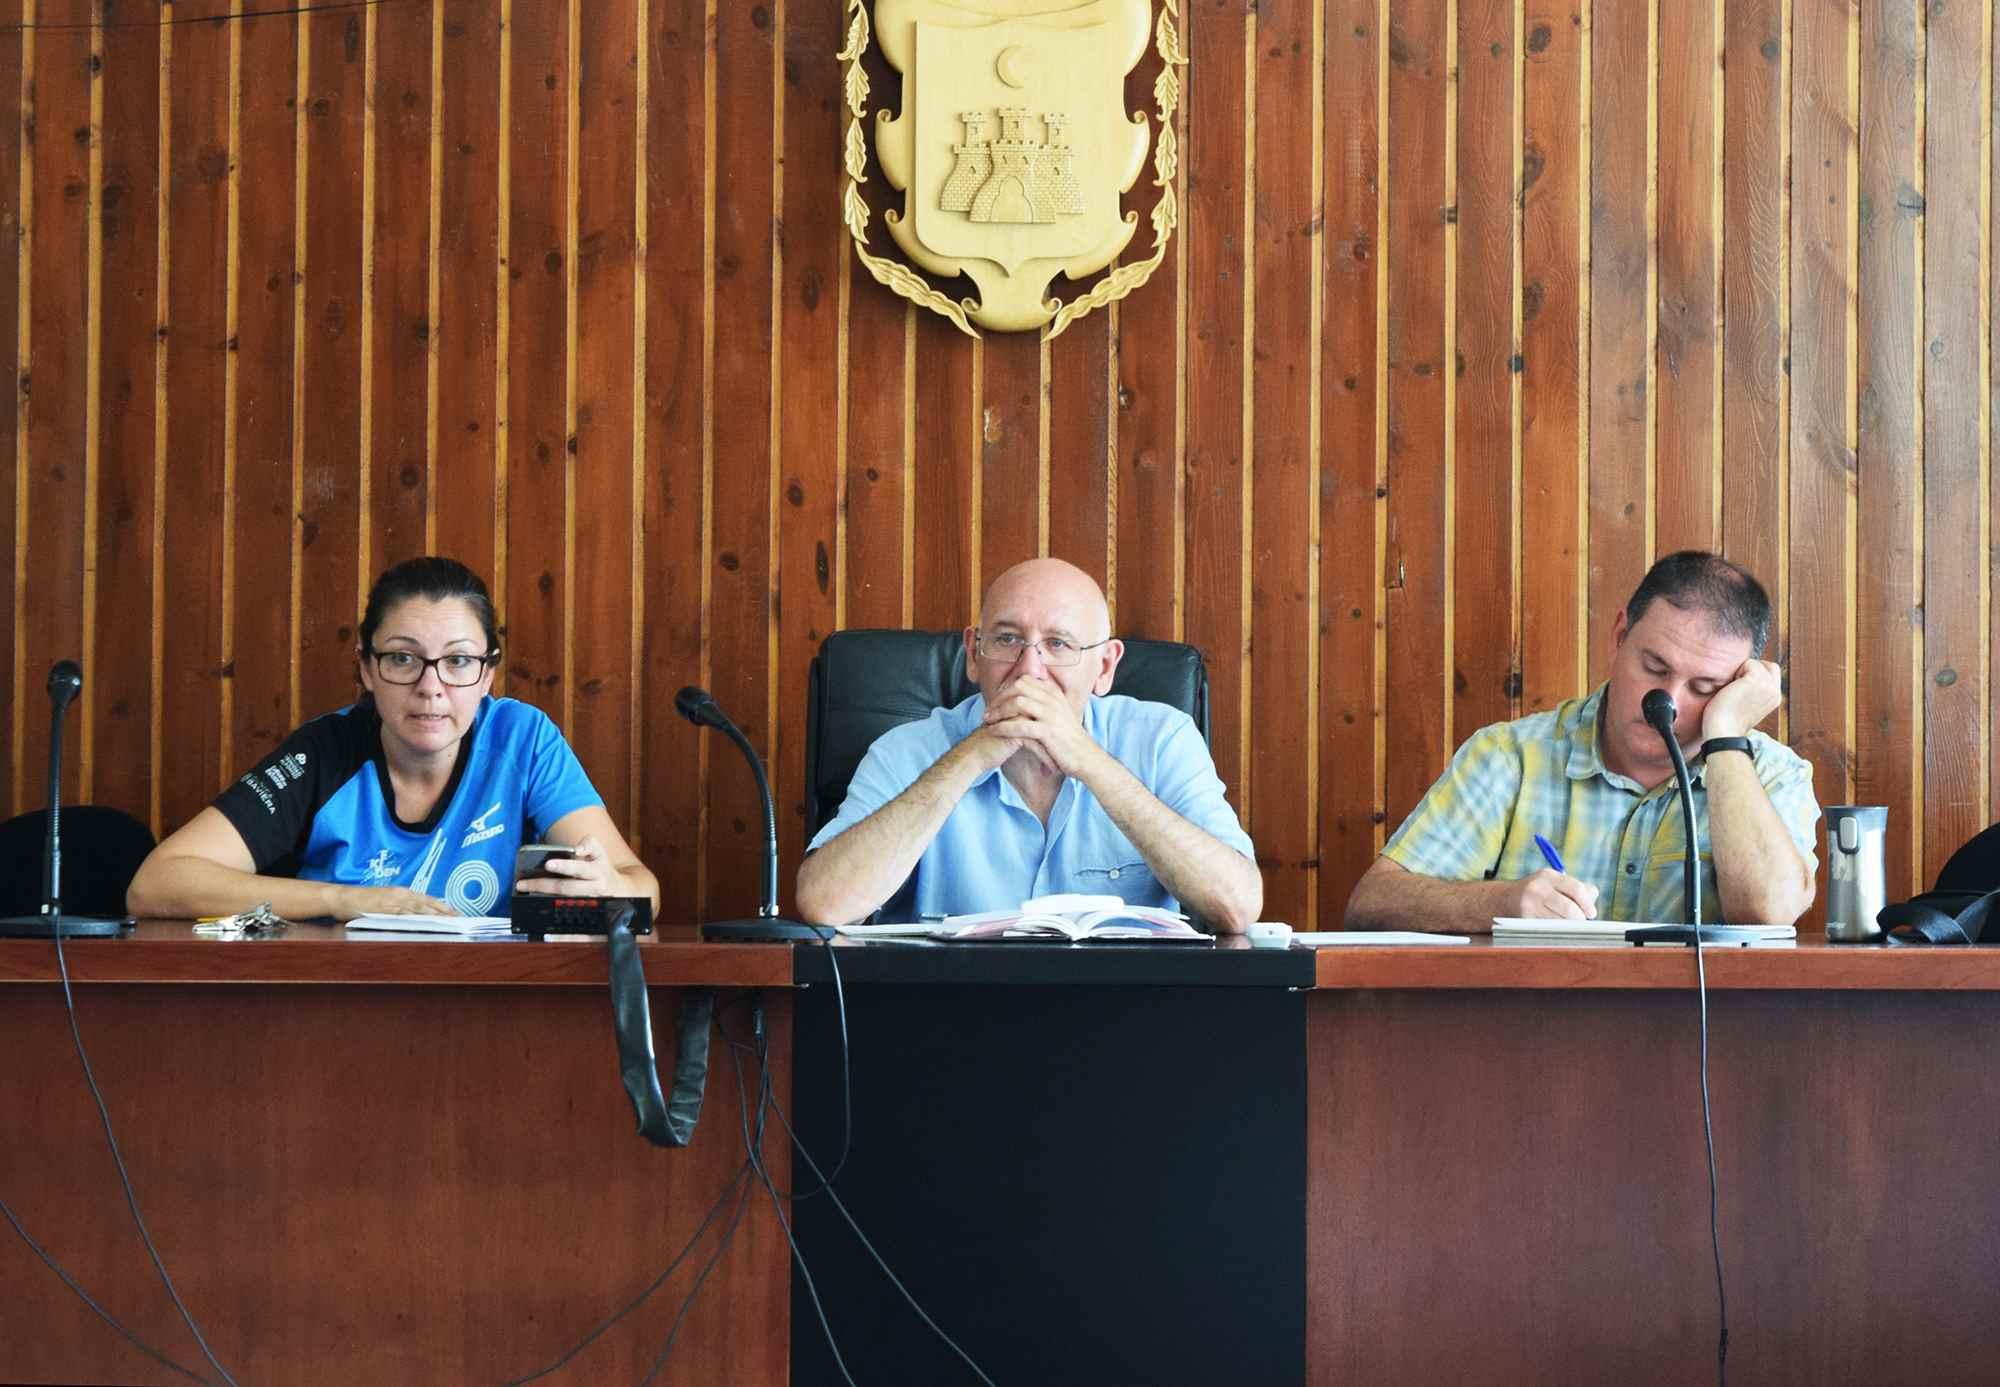 Projectes a les quals anirà destinada una partida de 60.000 euros del Pressupost municipal de 2019.